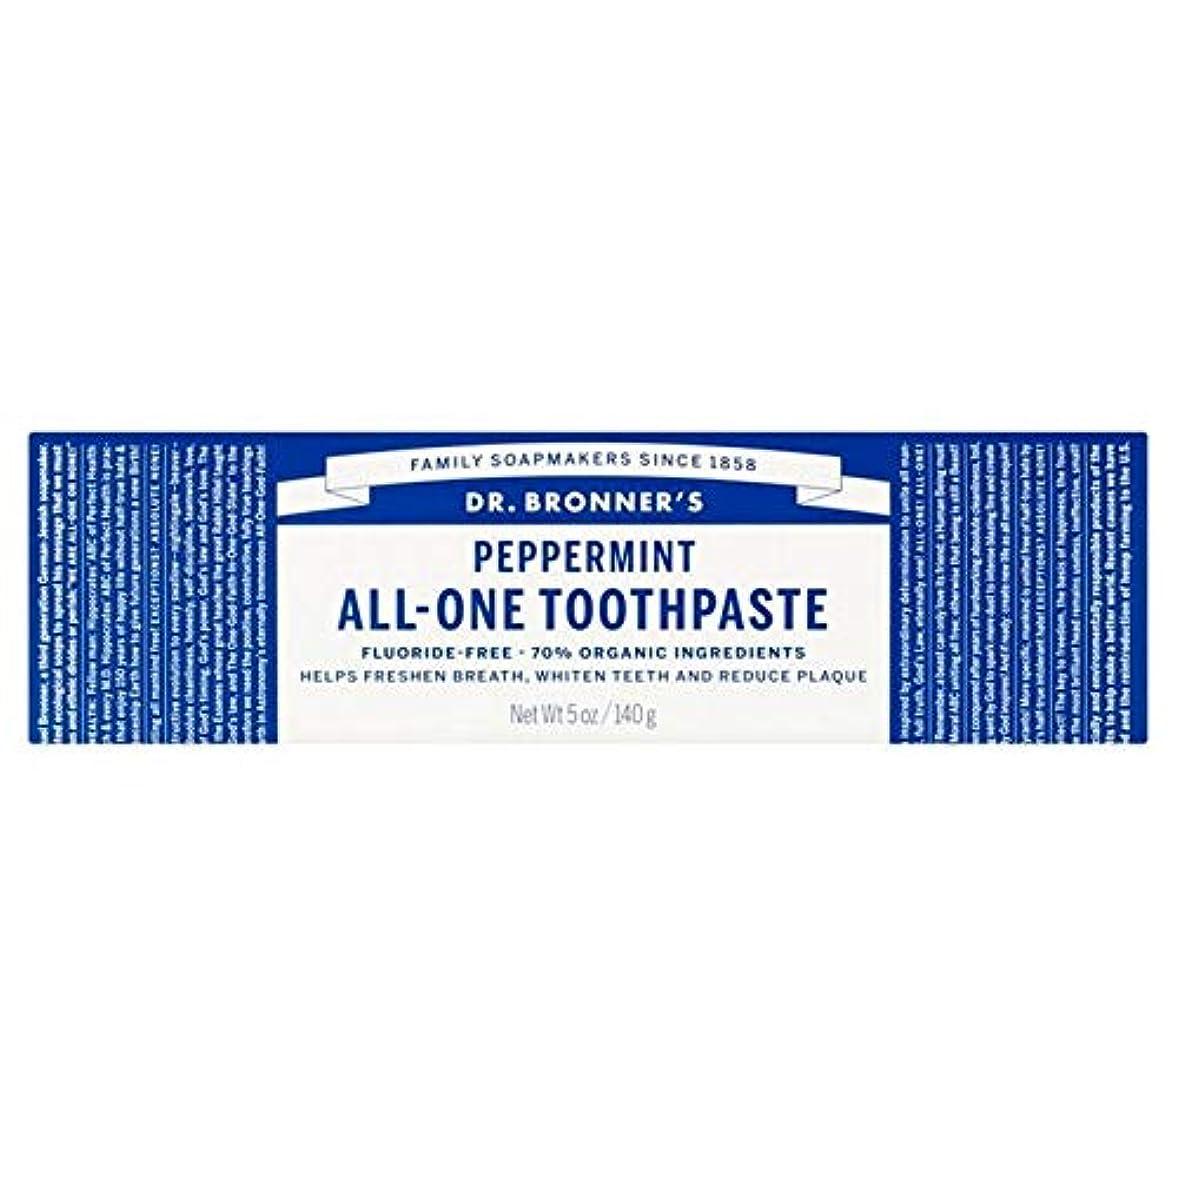 お手入れ和解するフォルダ[Dr Bronner] Dr。ブロナーズ歯磨き粉すべて1、ペパーミント148ミリリットル - Dr. Bronner's Toothpaste All One, Peppermint 148ml [並行輸入品]